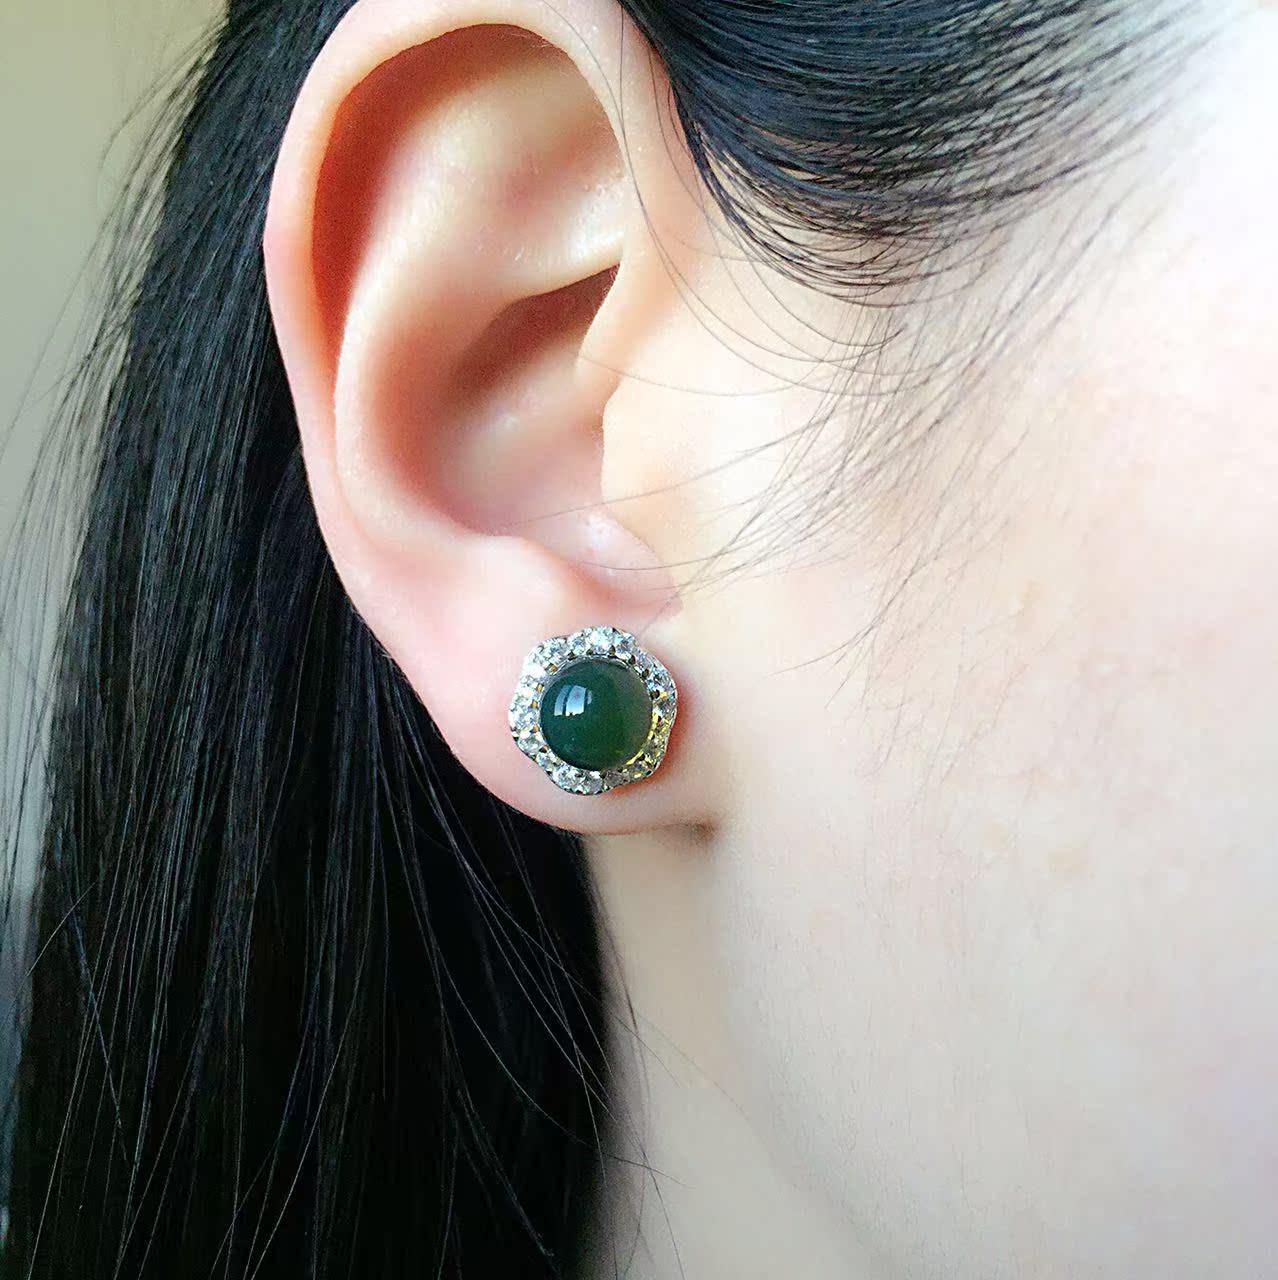 纯银耳饰女款耳钉 S925 琥珀蜜蜡耳饰耳坠 天然正品墨西哥蓝珀耳钉